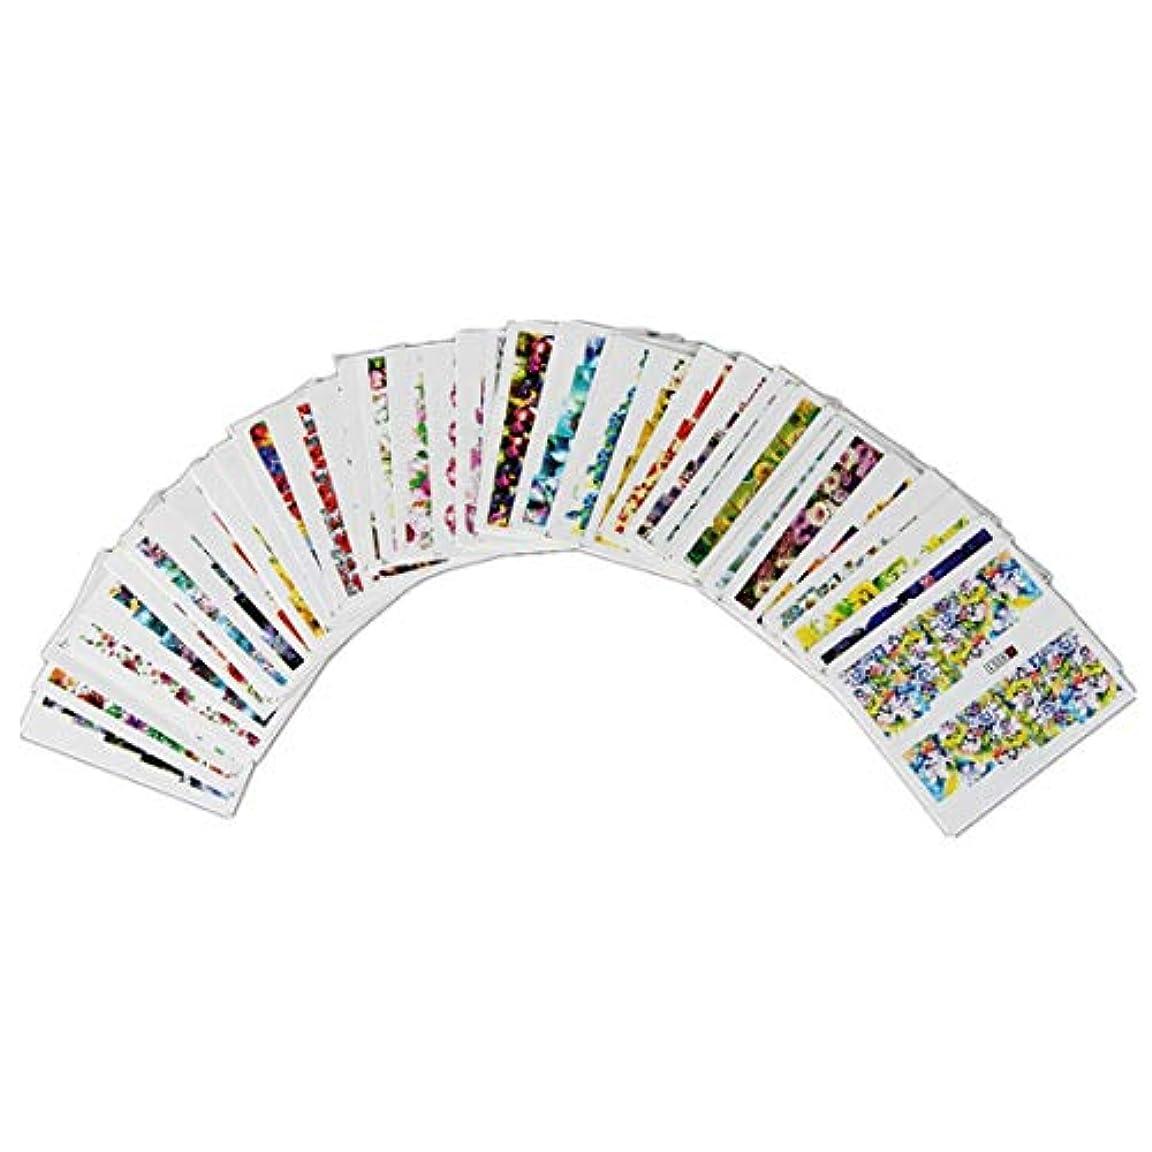 歌公爵かんたんOWNFSKNL 50枚ネイルステッカー盛り合わせパターン水転写花フラワーステッカーセット女性用爪の装飾ネイルデカールネイルアートアクセサリーマニキュアチャームヒント